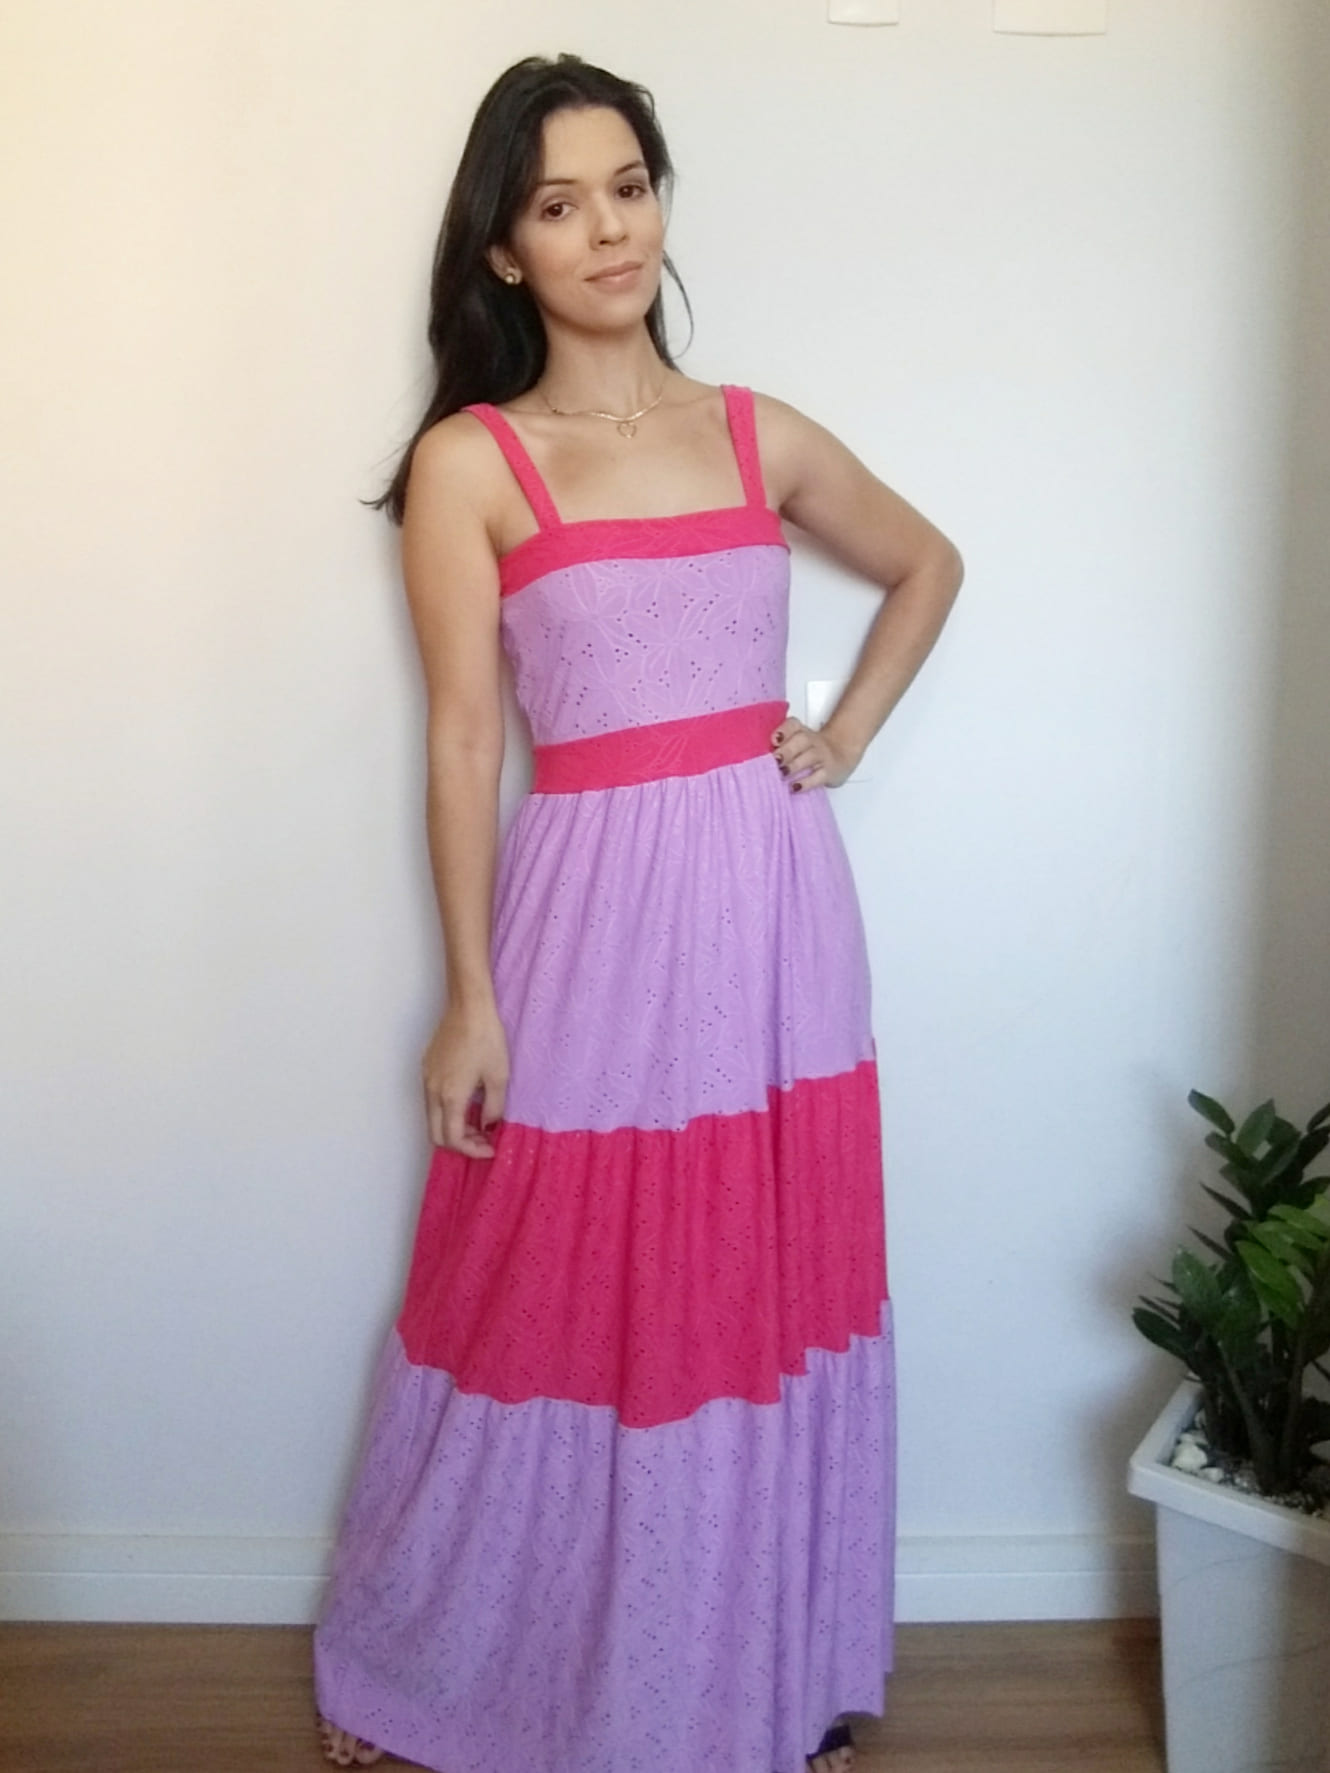 Vestido laise pink e lilás